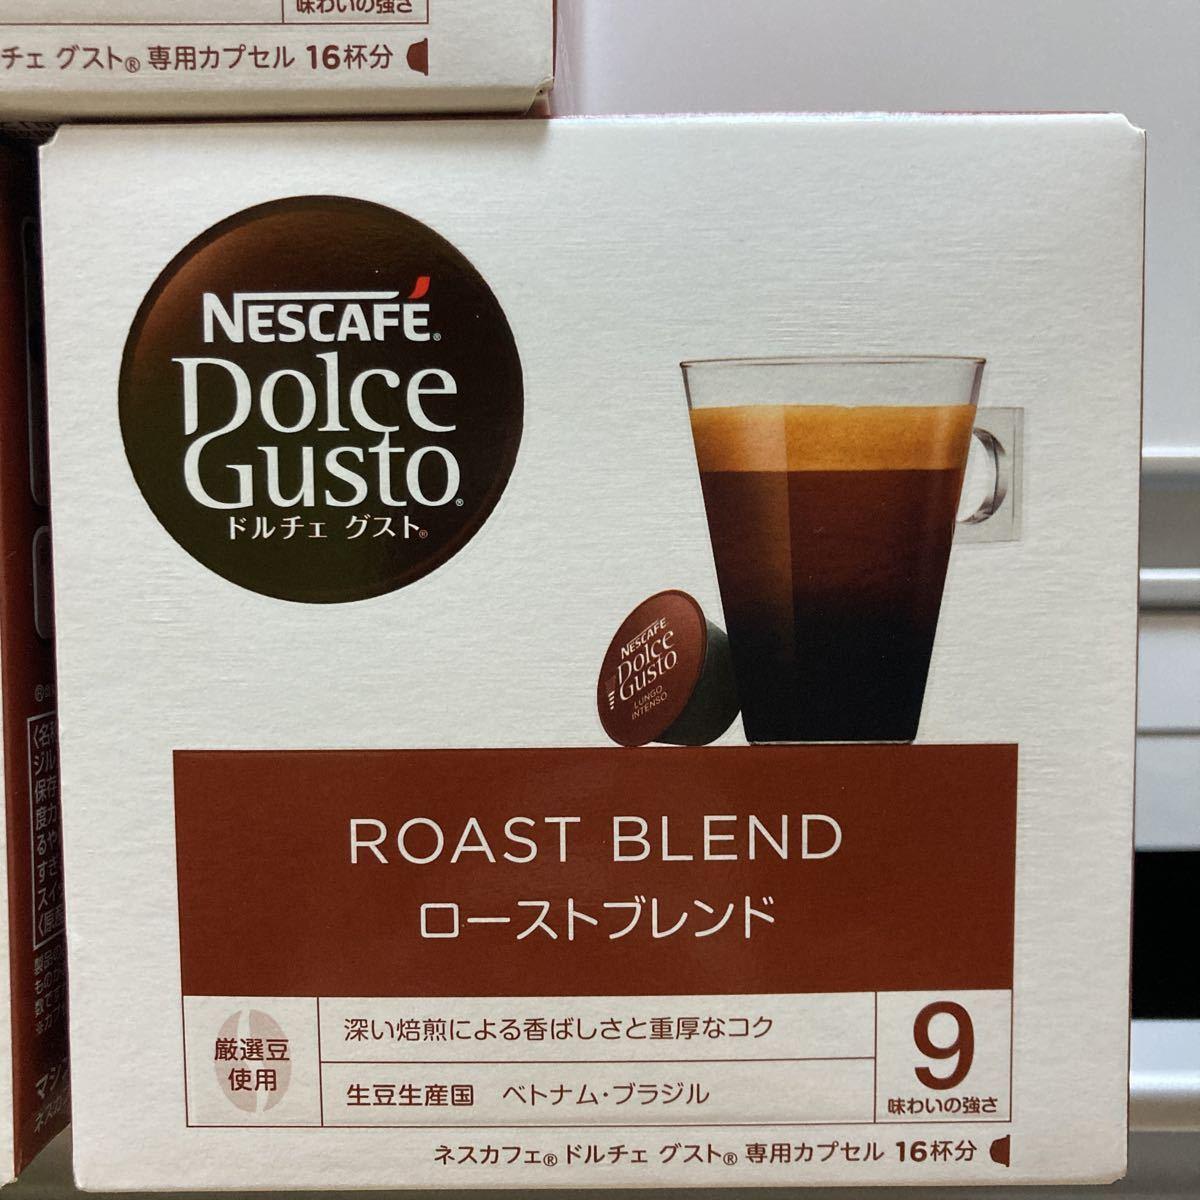 即決 ネスレ ネスカフェ ドルチェグスト専用カプセル 3箱 コーヒー ローストブレンド ブレンド クーポン利用 送料無料 お買得